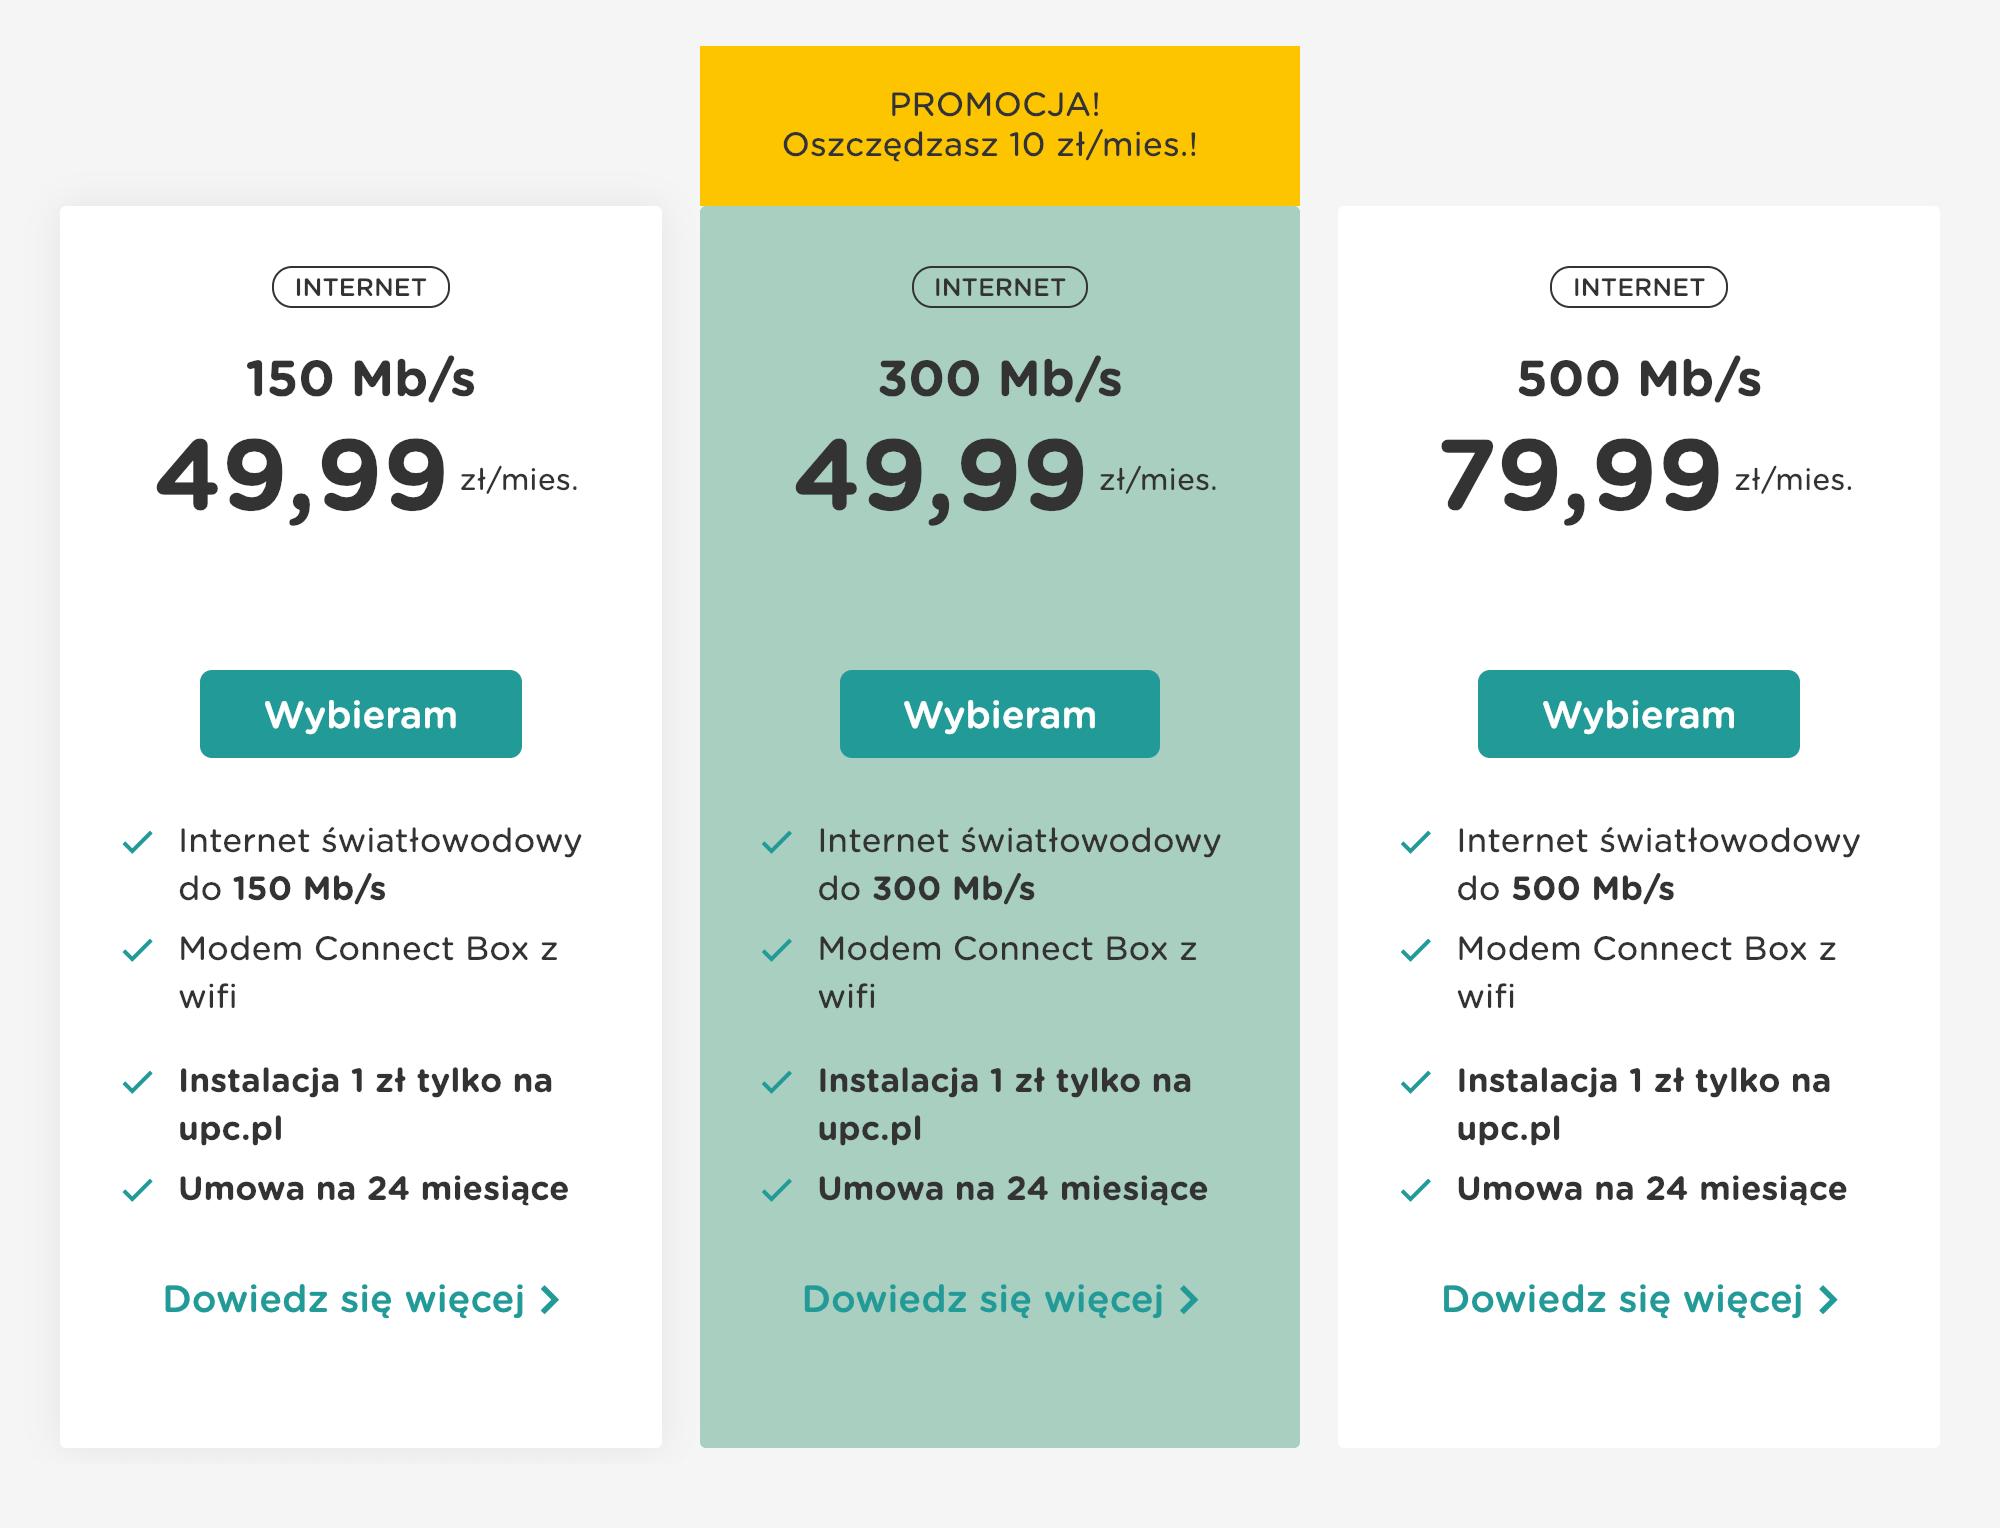 Тарифы на интернет у одного из самых популярных оптоволоконных провайдеров «Ю-пи-си»